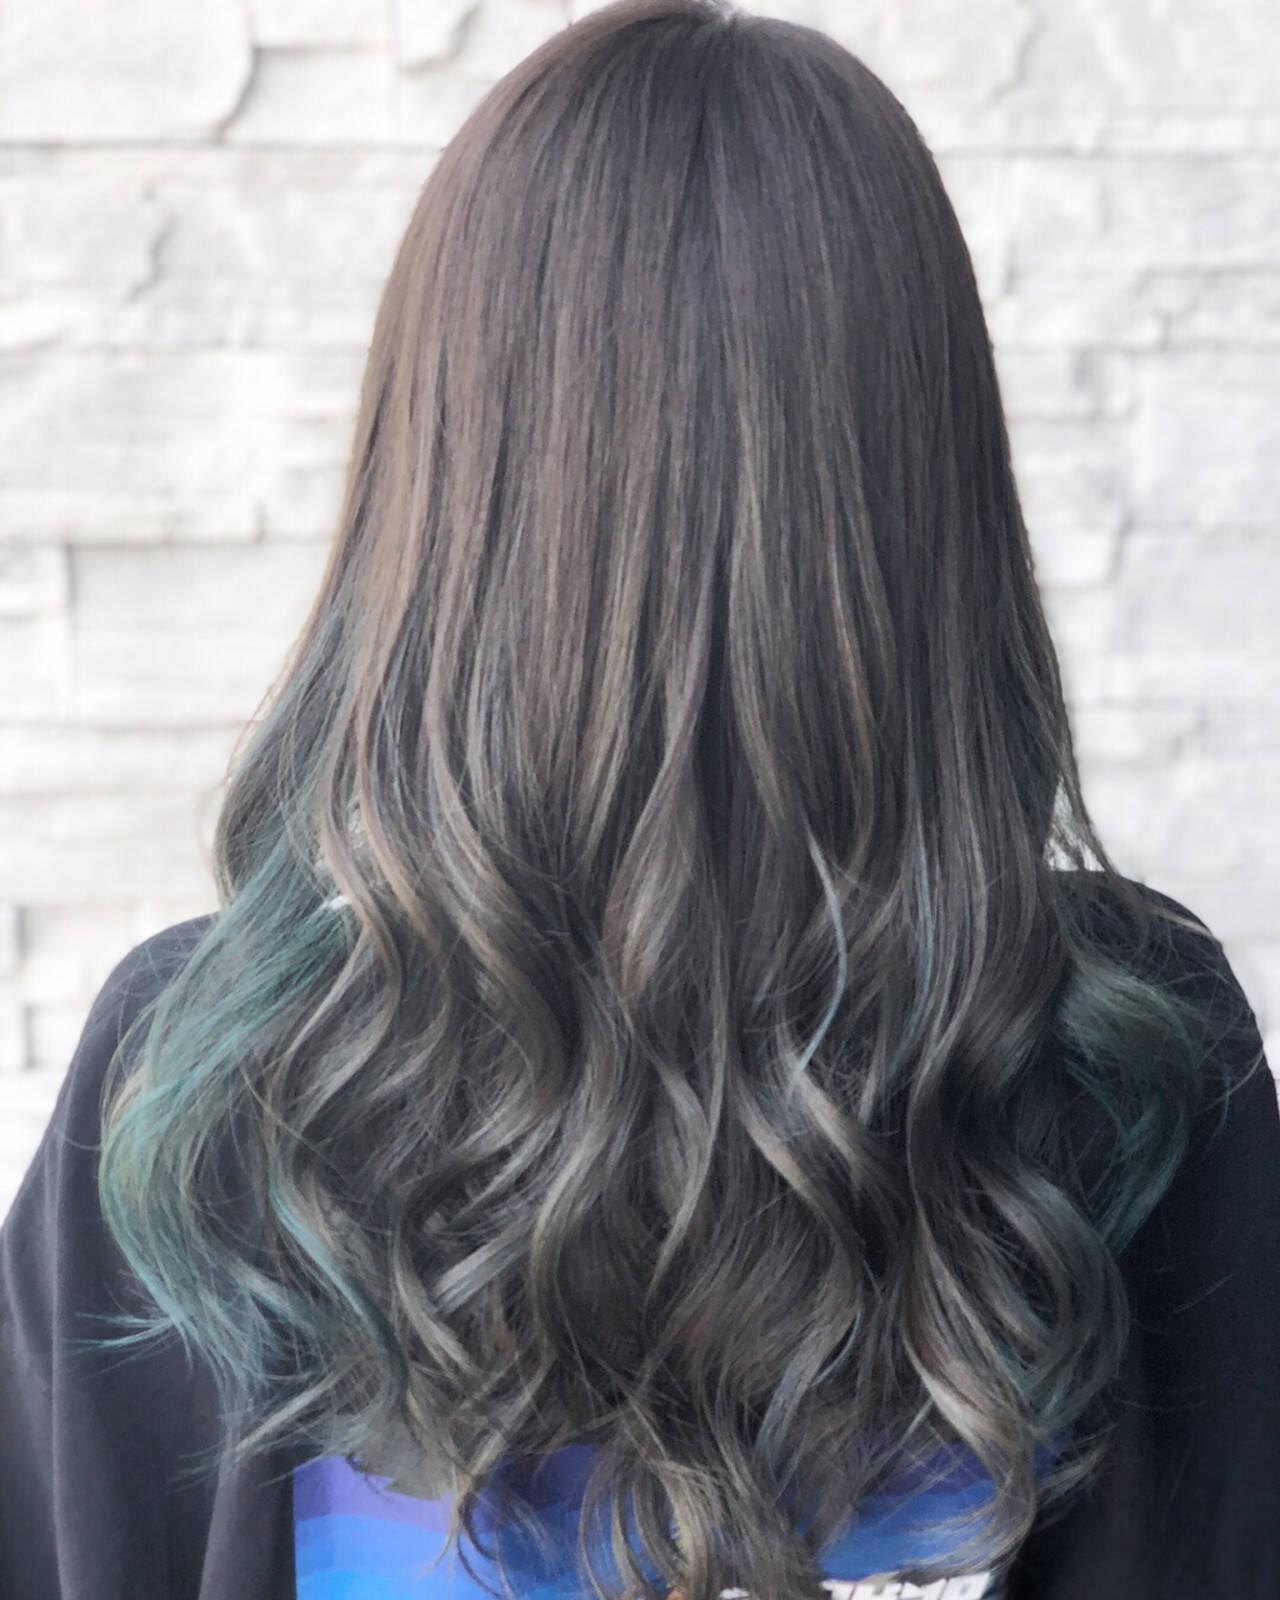 モード ロング インナーカラー イルミナカラーヘアスタイルや髪型の写真・画像